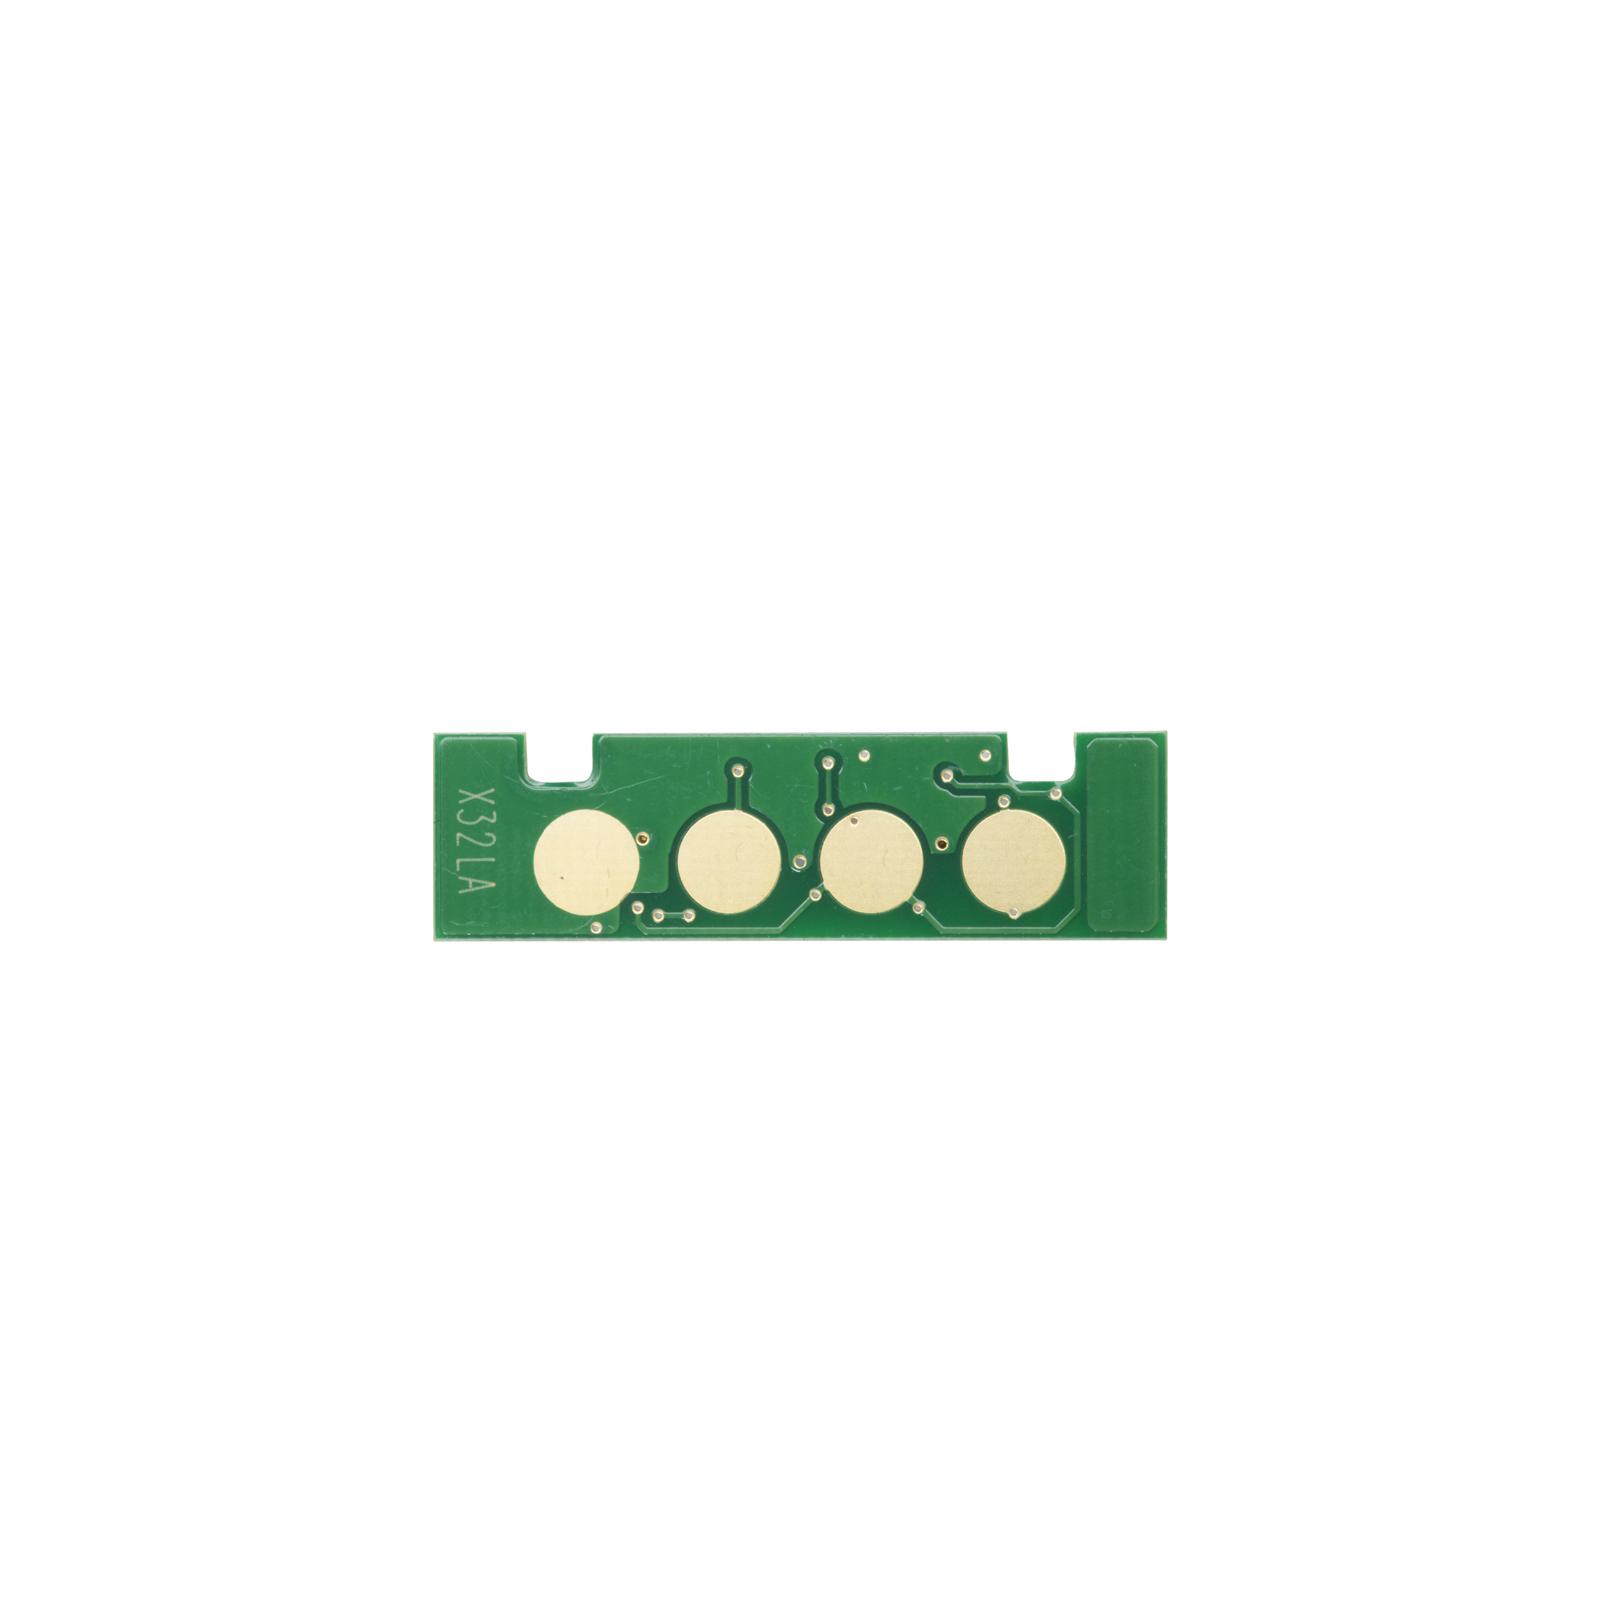 Чип для картриджа Xerox Phaser3260 (106R02778) 3k Static Control (X3260CP-LA)